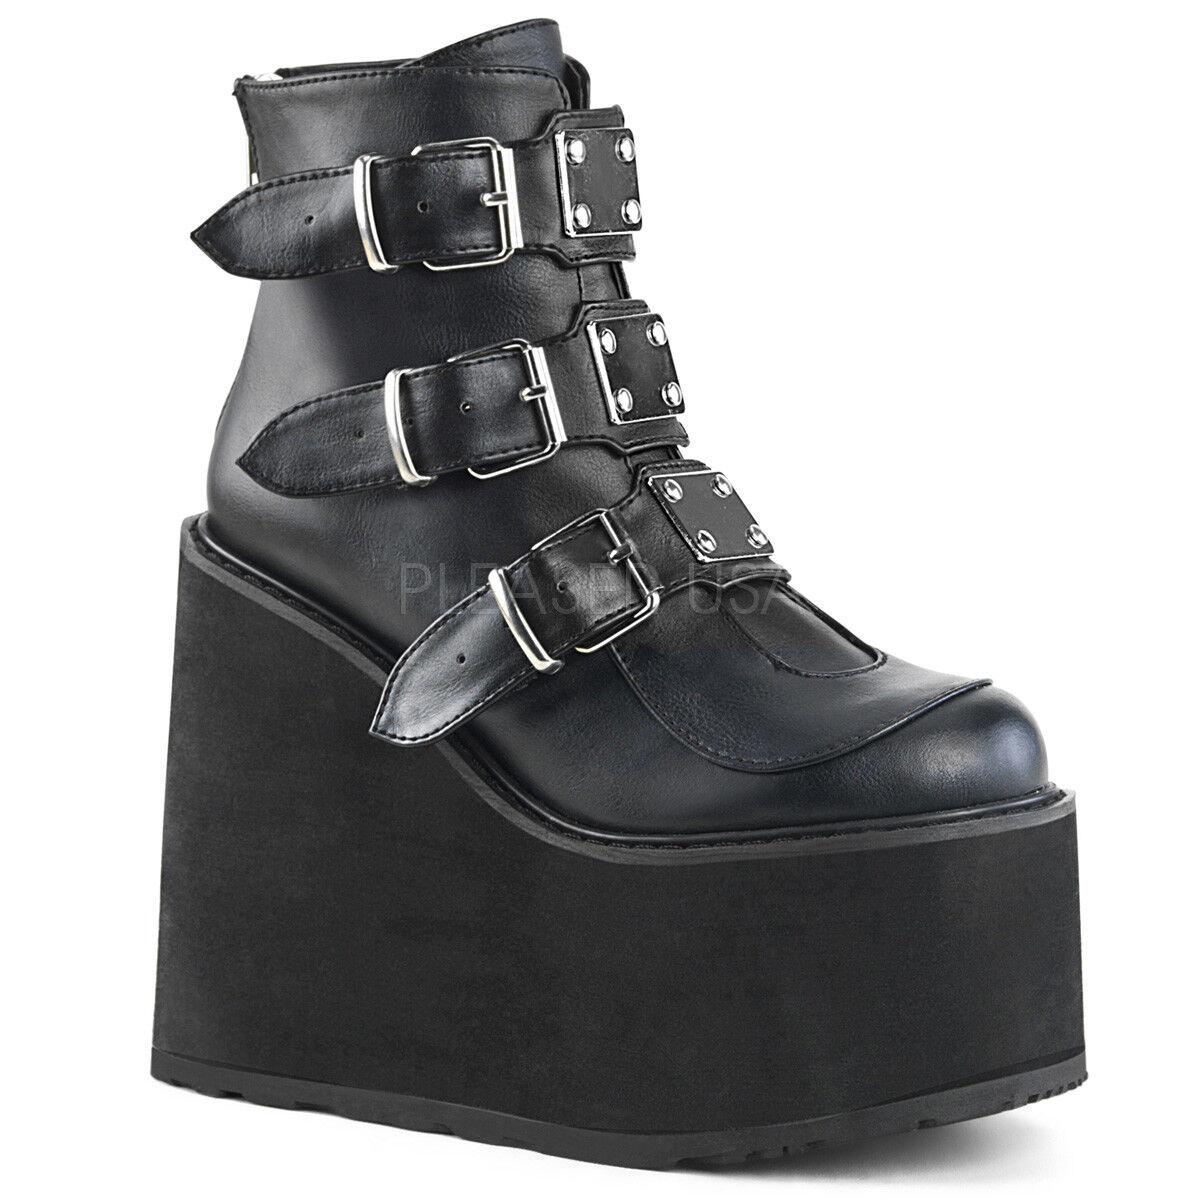 tutto in alta qualità e prezzo basso Demonia Swing 105 nero Matte Multiple Buckle Ankle avvio 5.5 5.5 5.5  Platform  nuovo stile